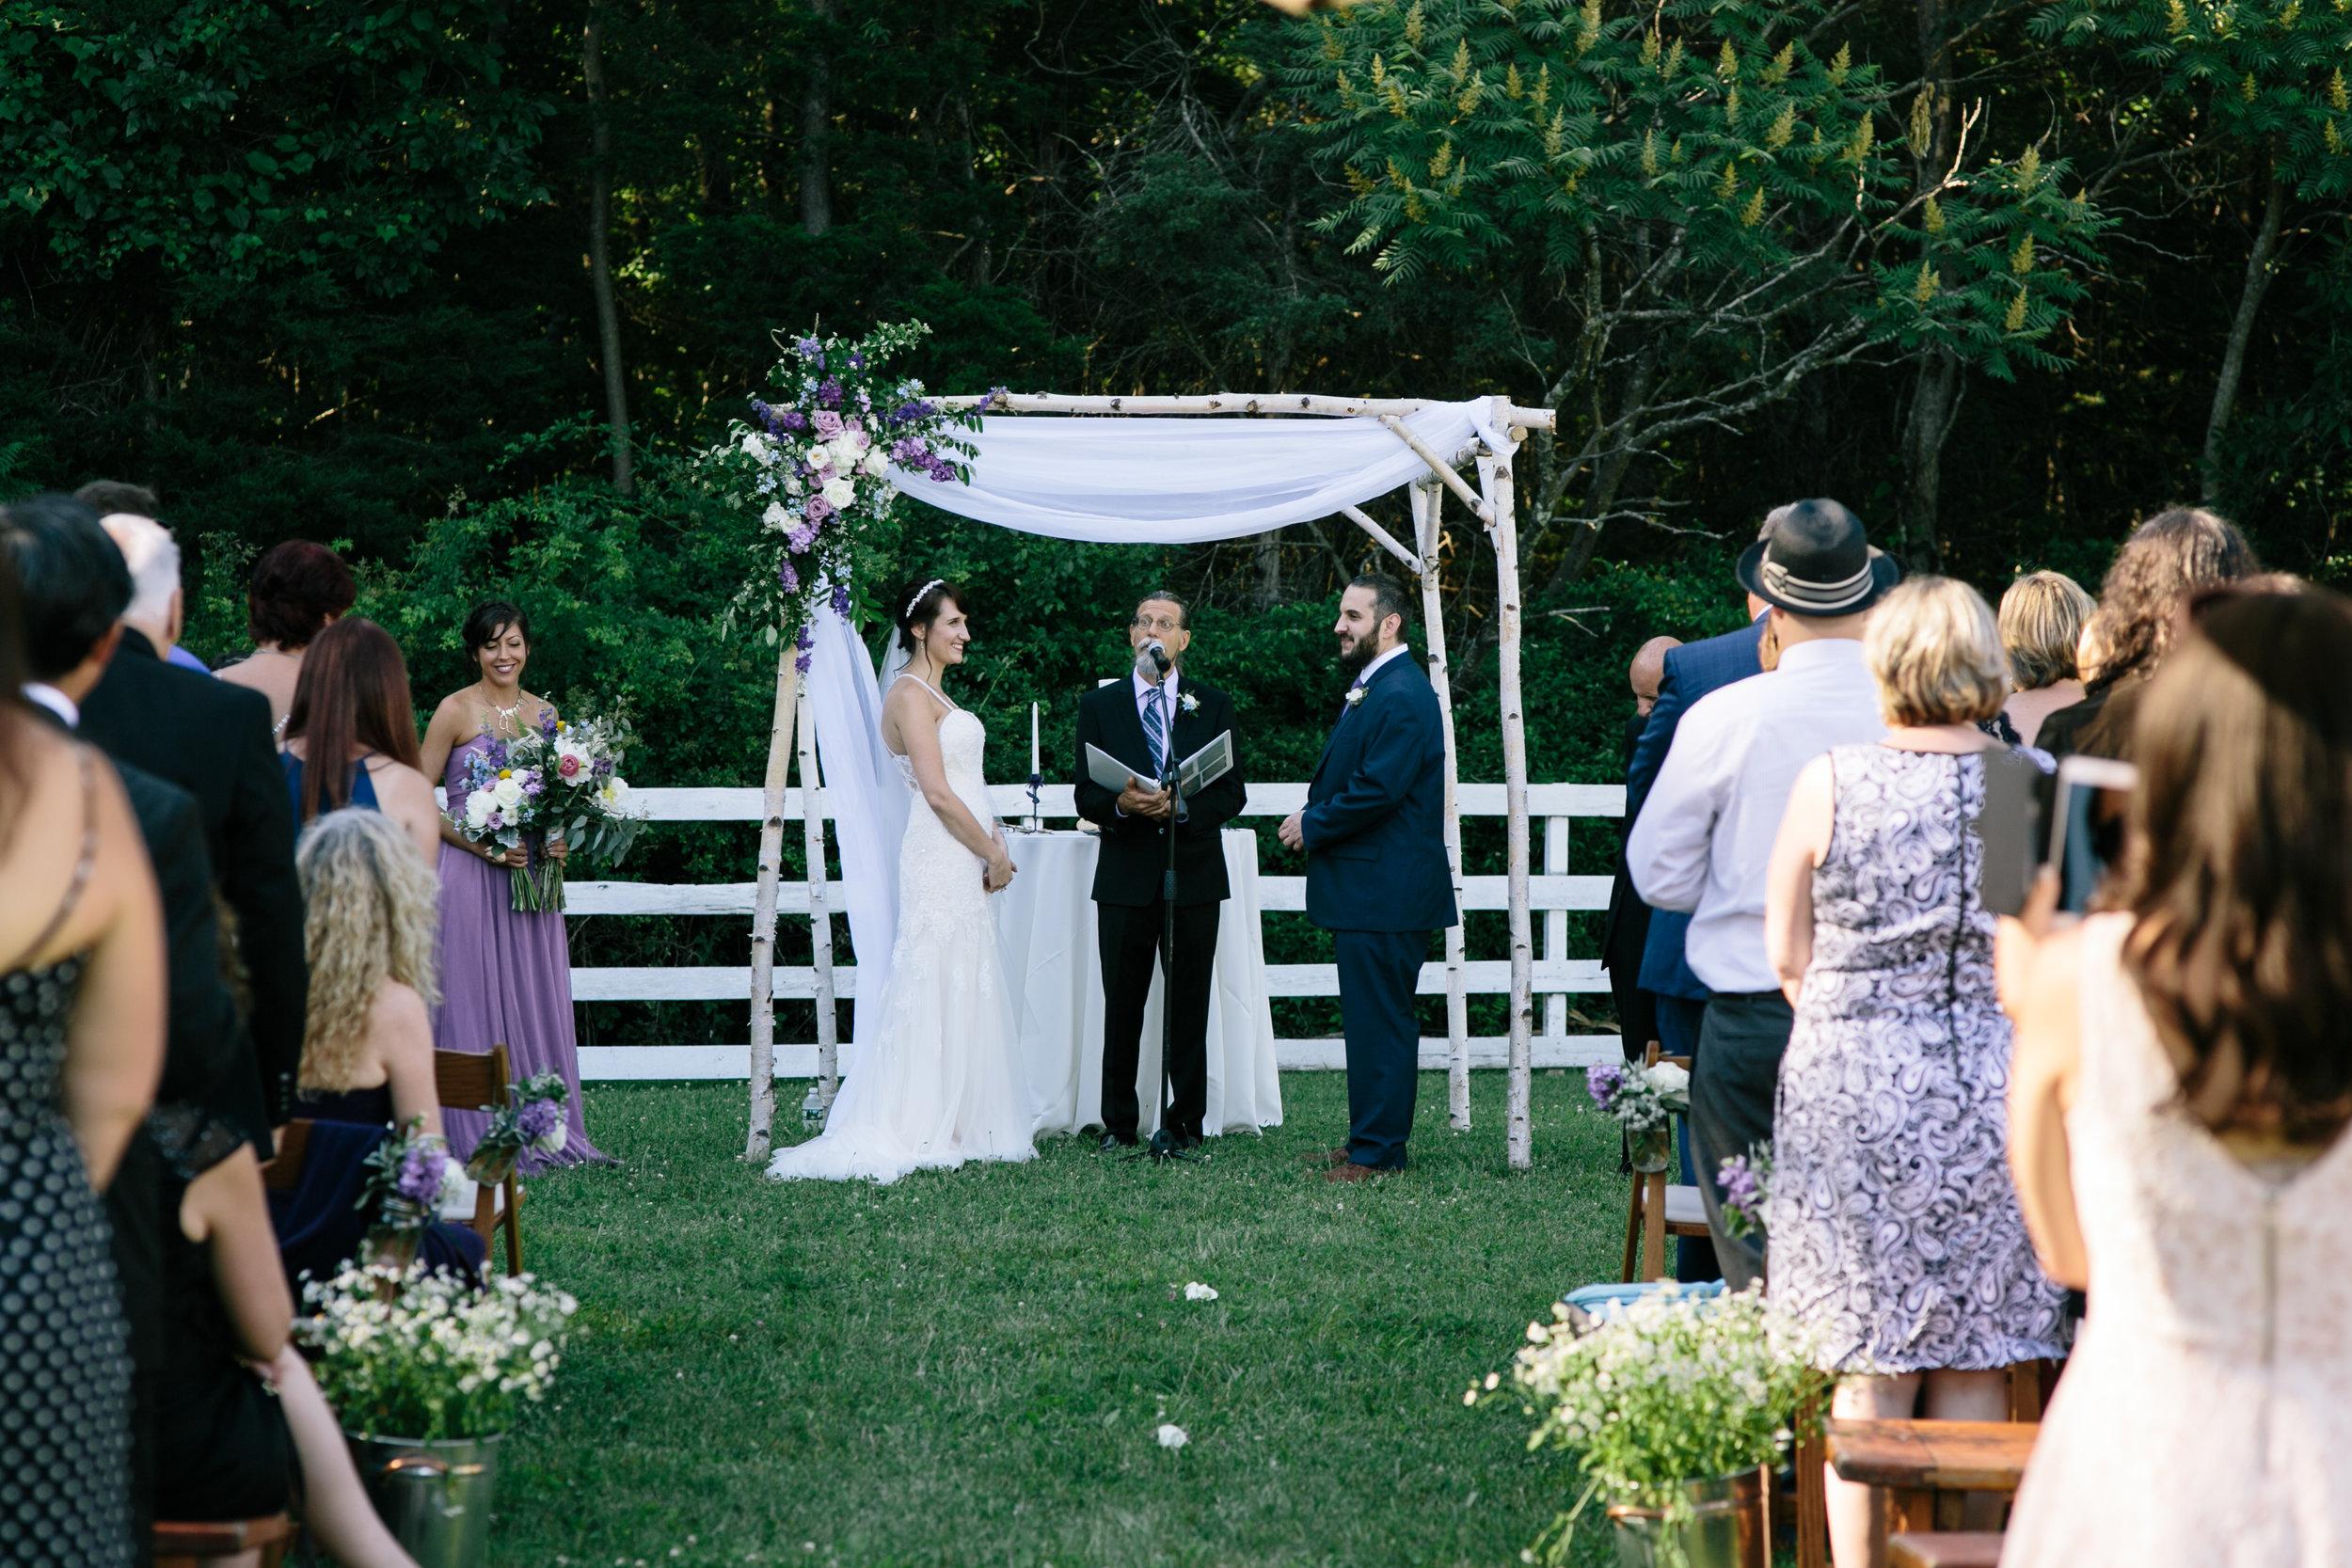 493_Jared_Kristen_wedding.jpg